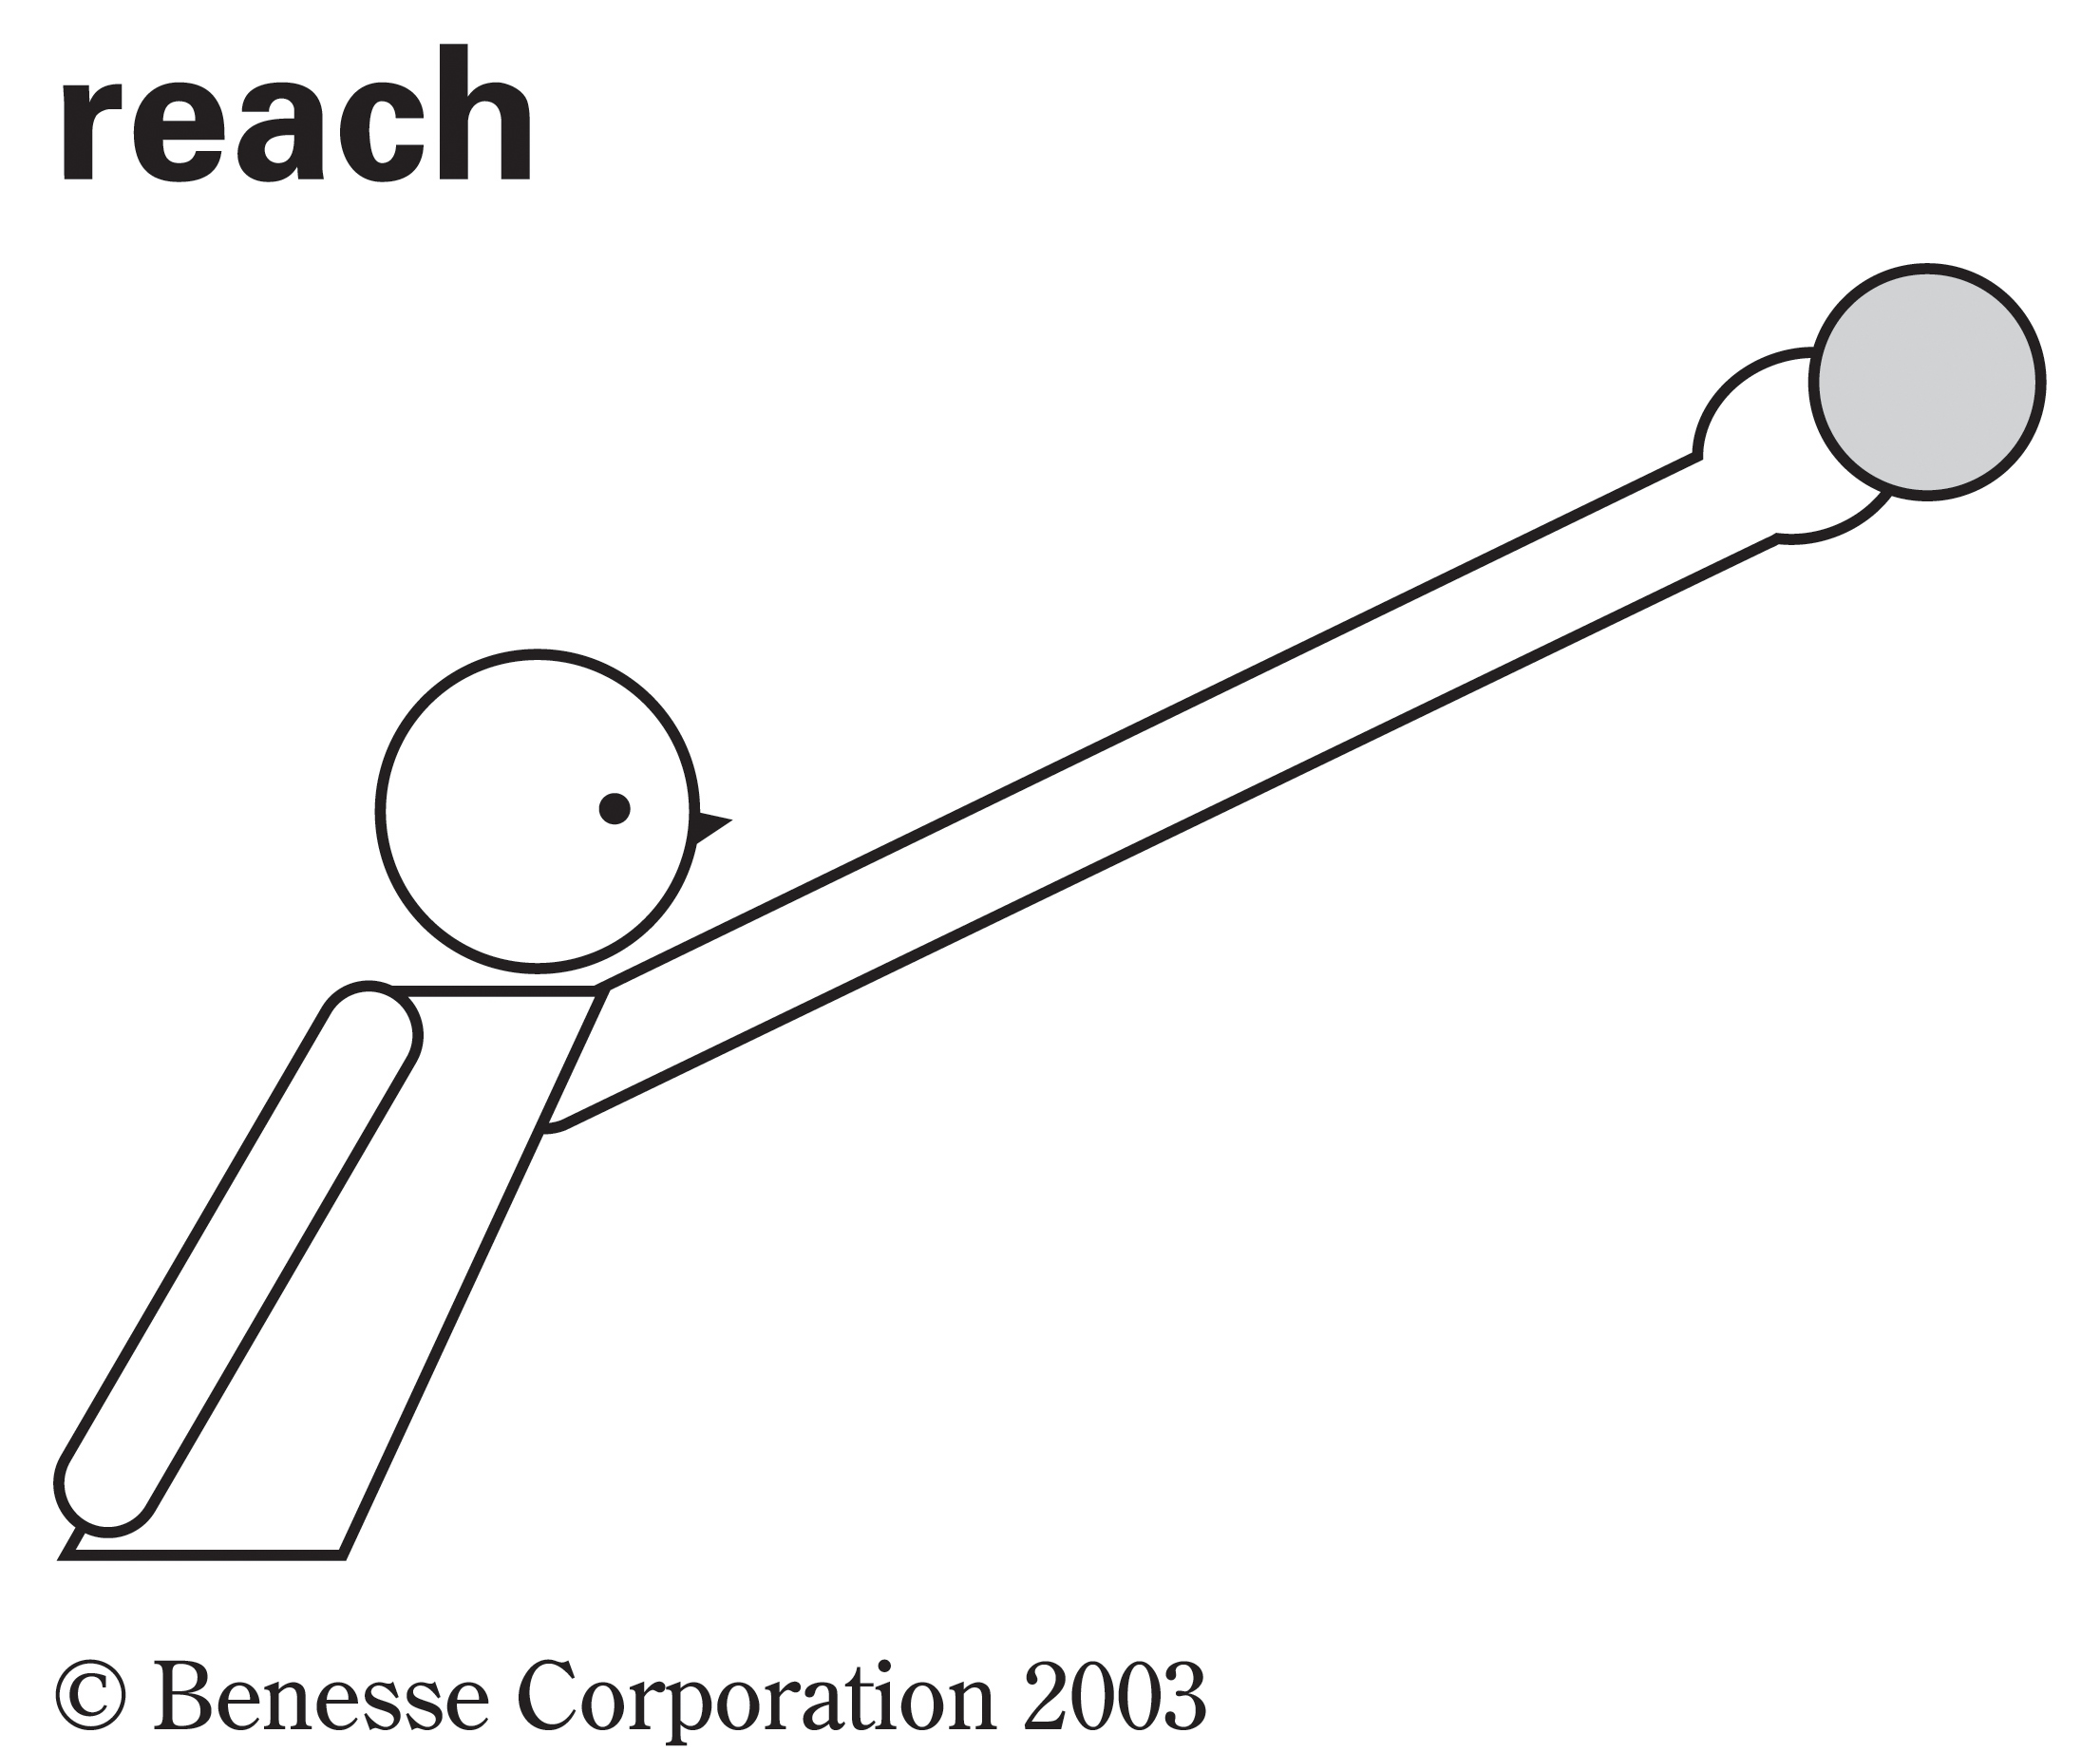 reach01.jpg